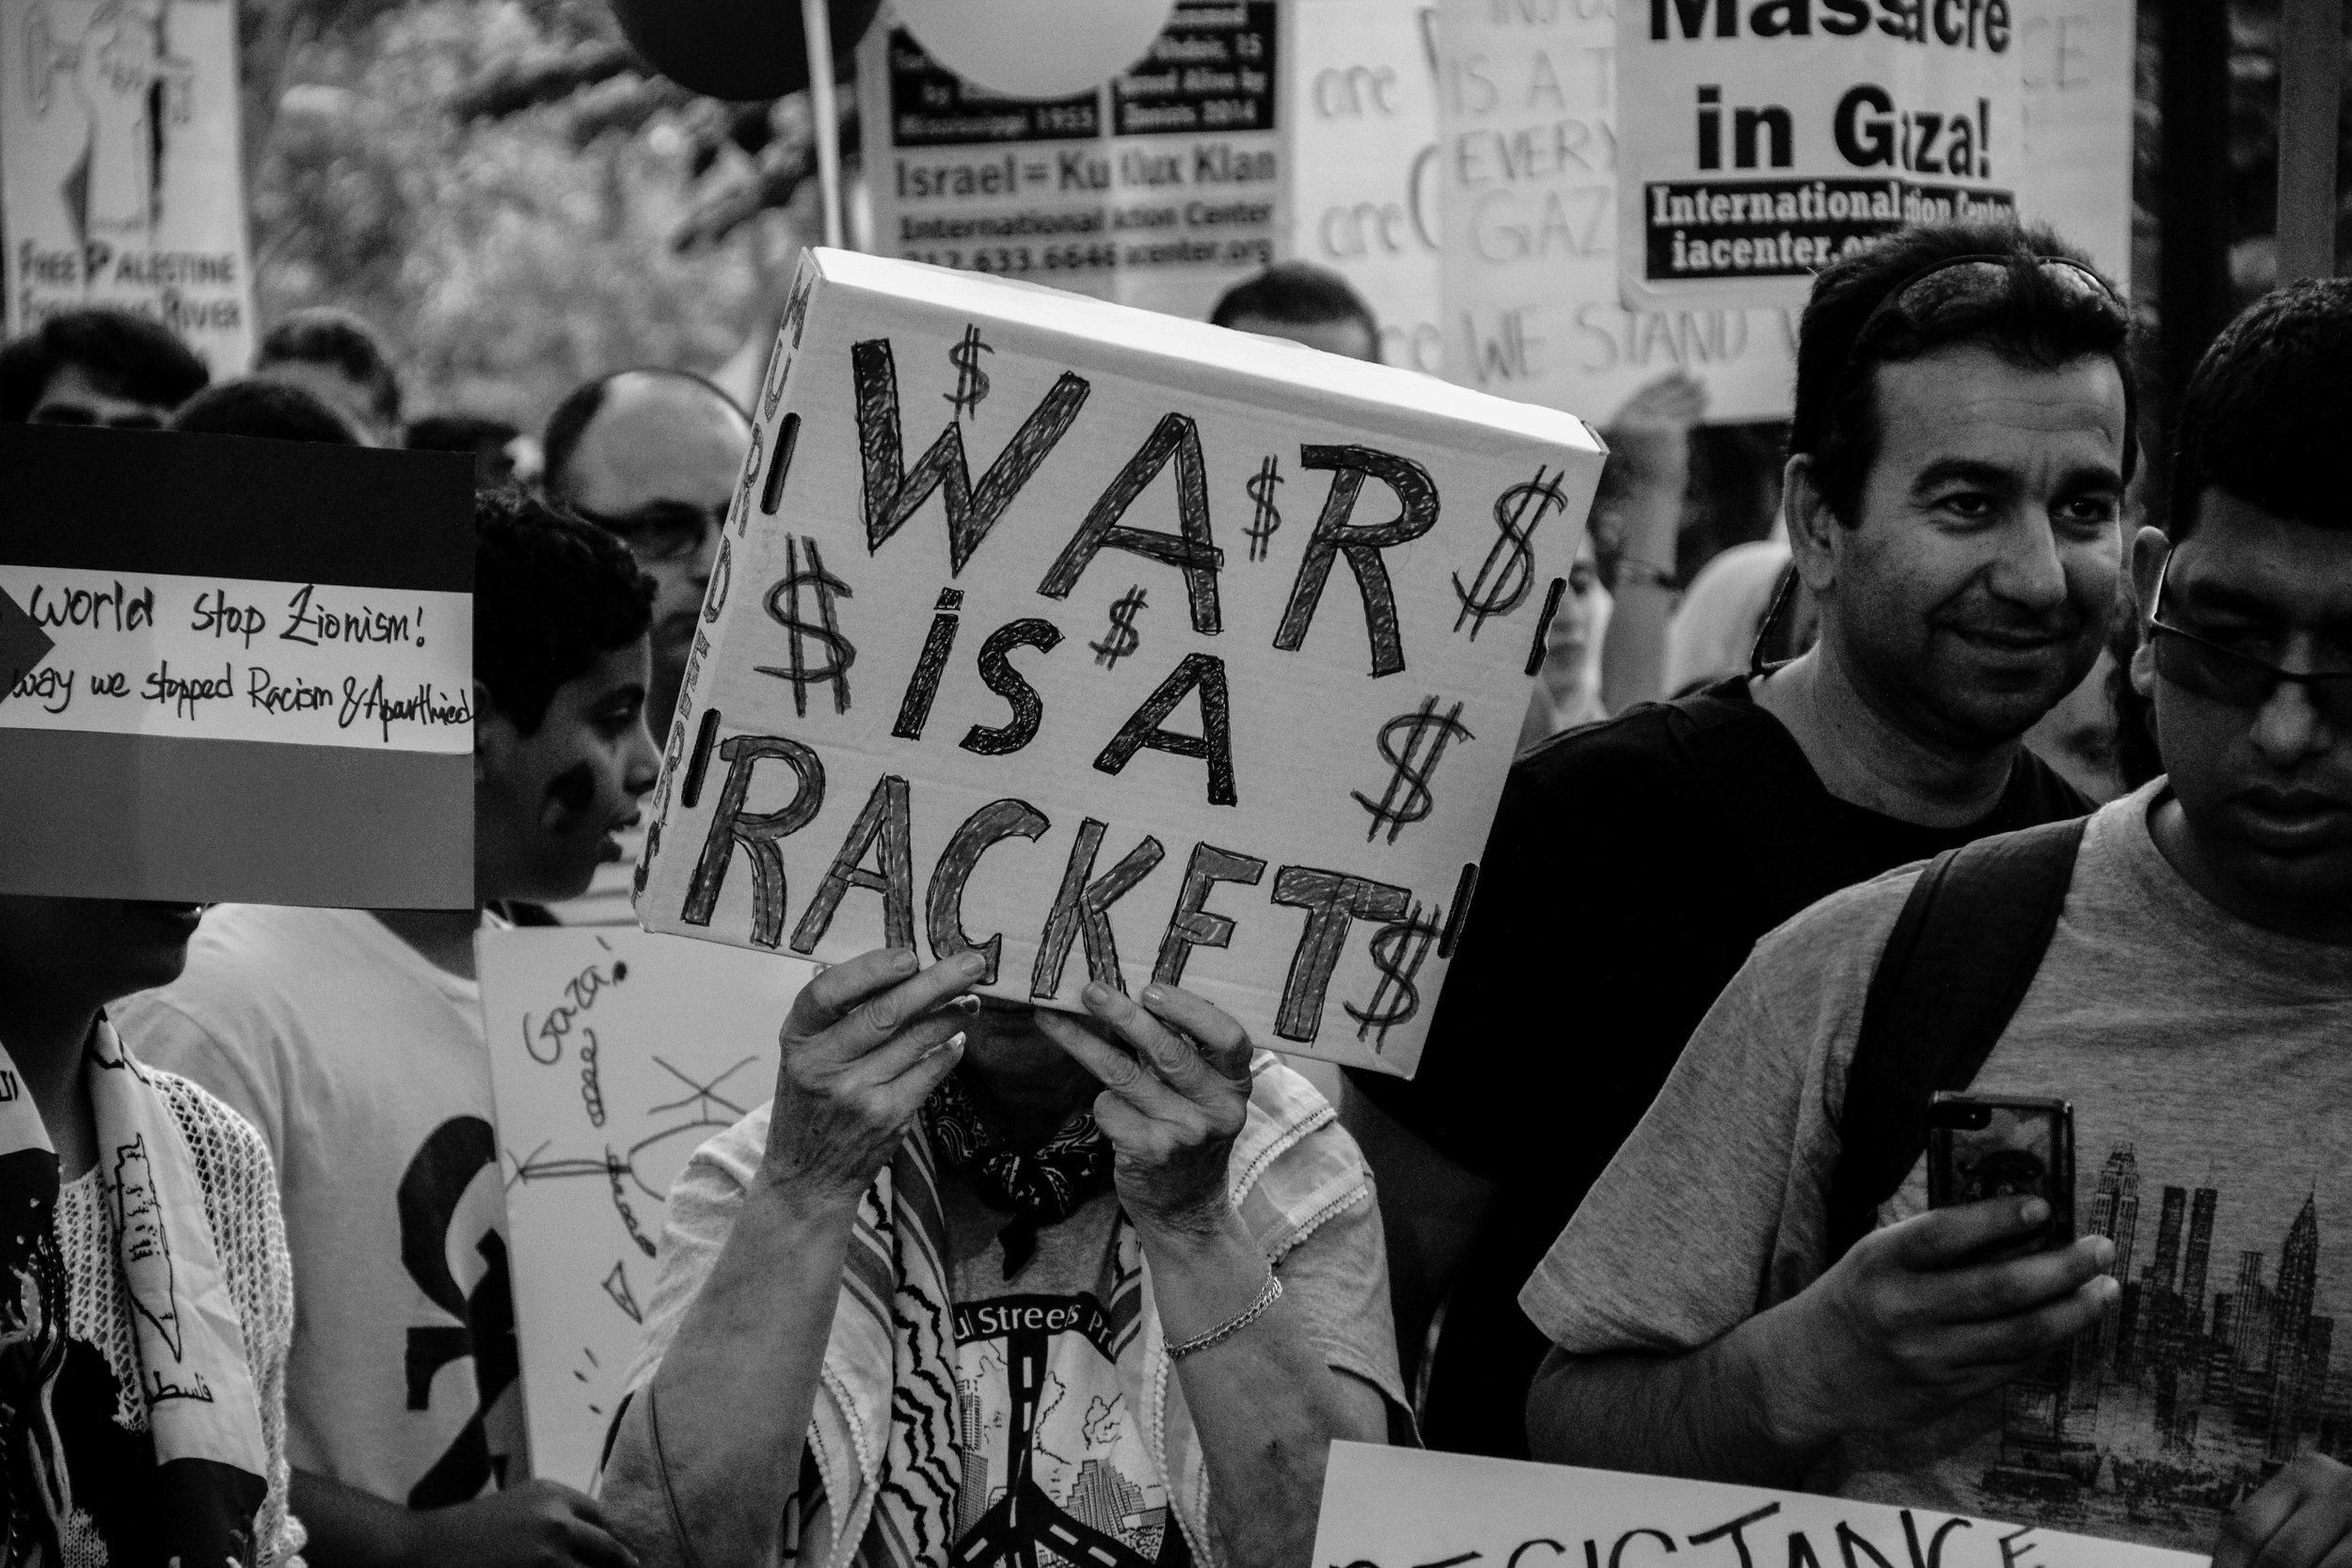 Solidarity with Gaza, Brooklyn, NY, April 2014